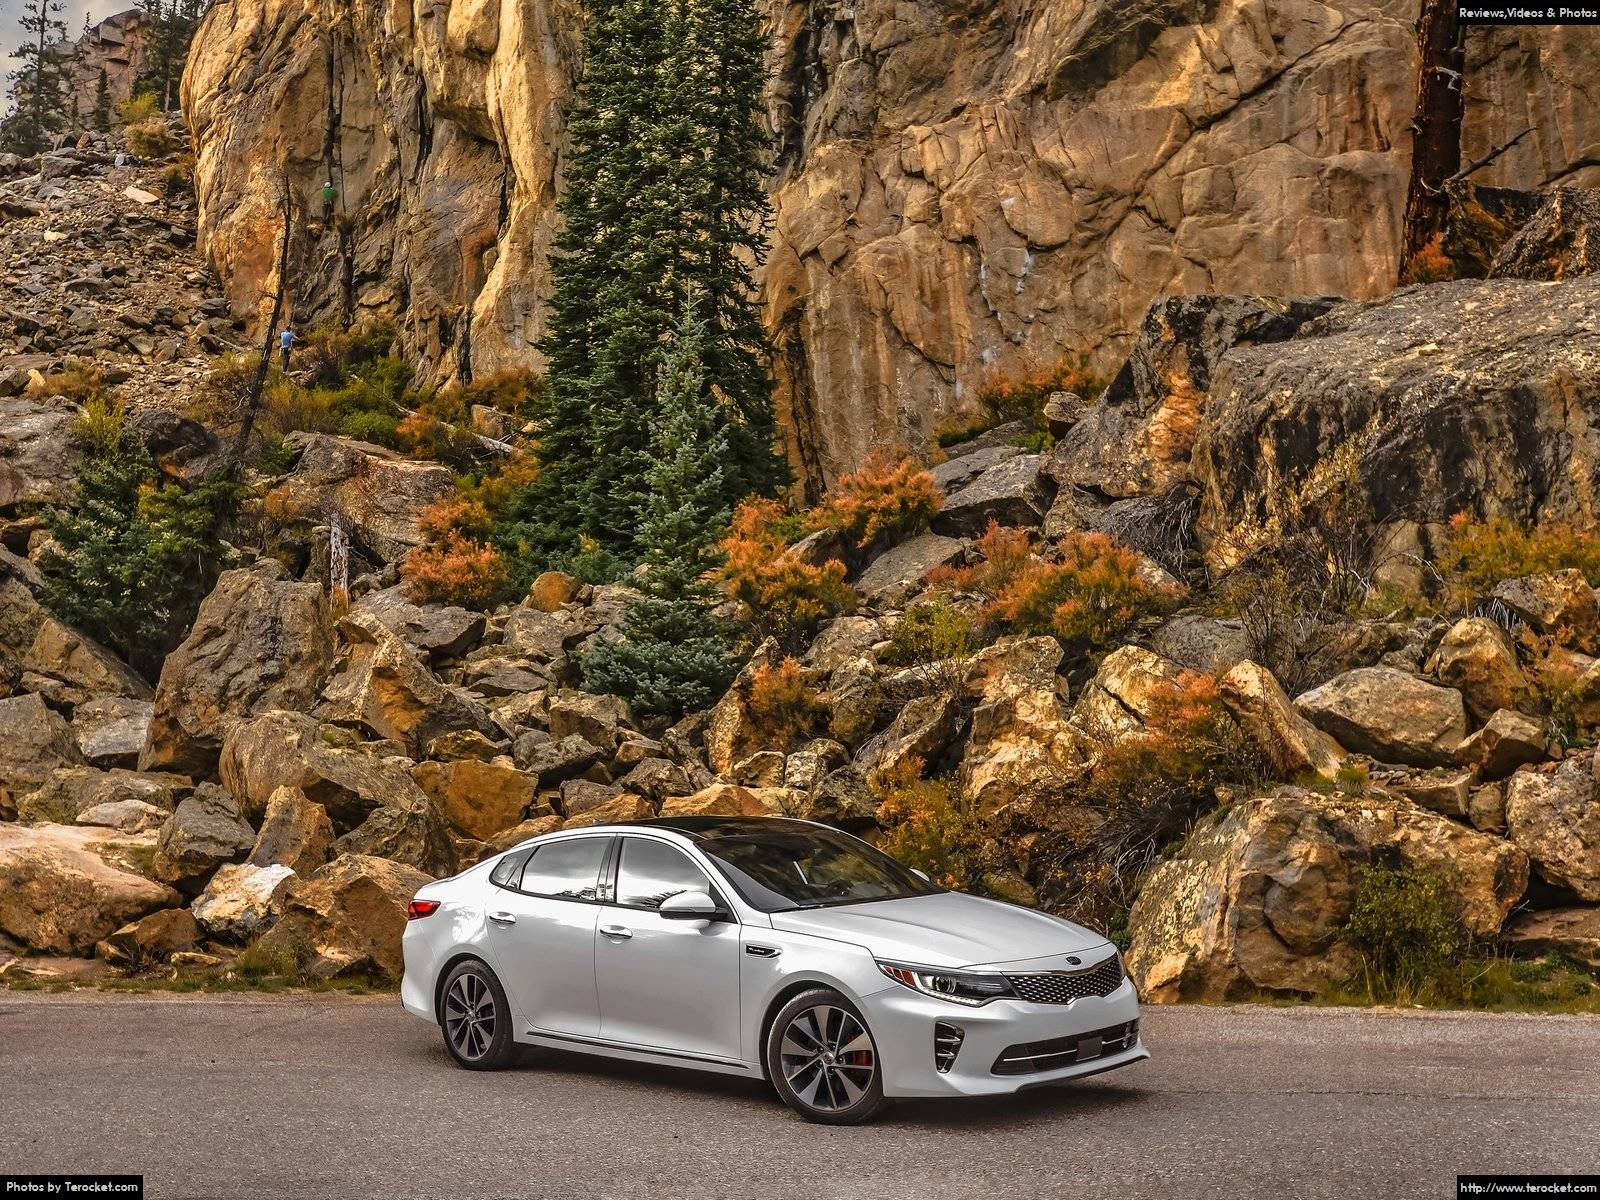 Hình ảnh xe ô tô Kia Optima 2016 & nội ngoại thất